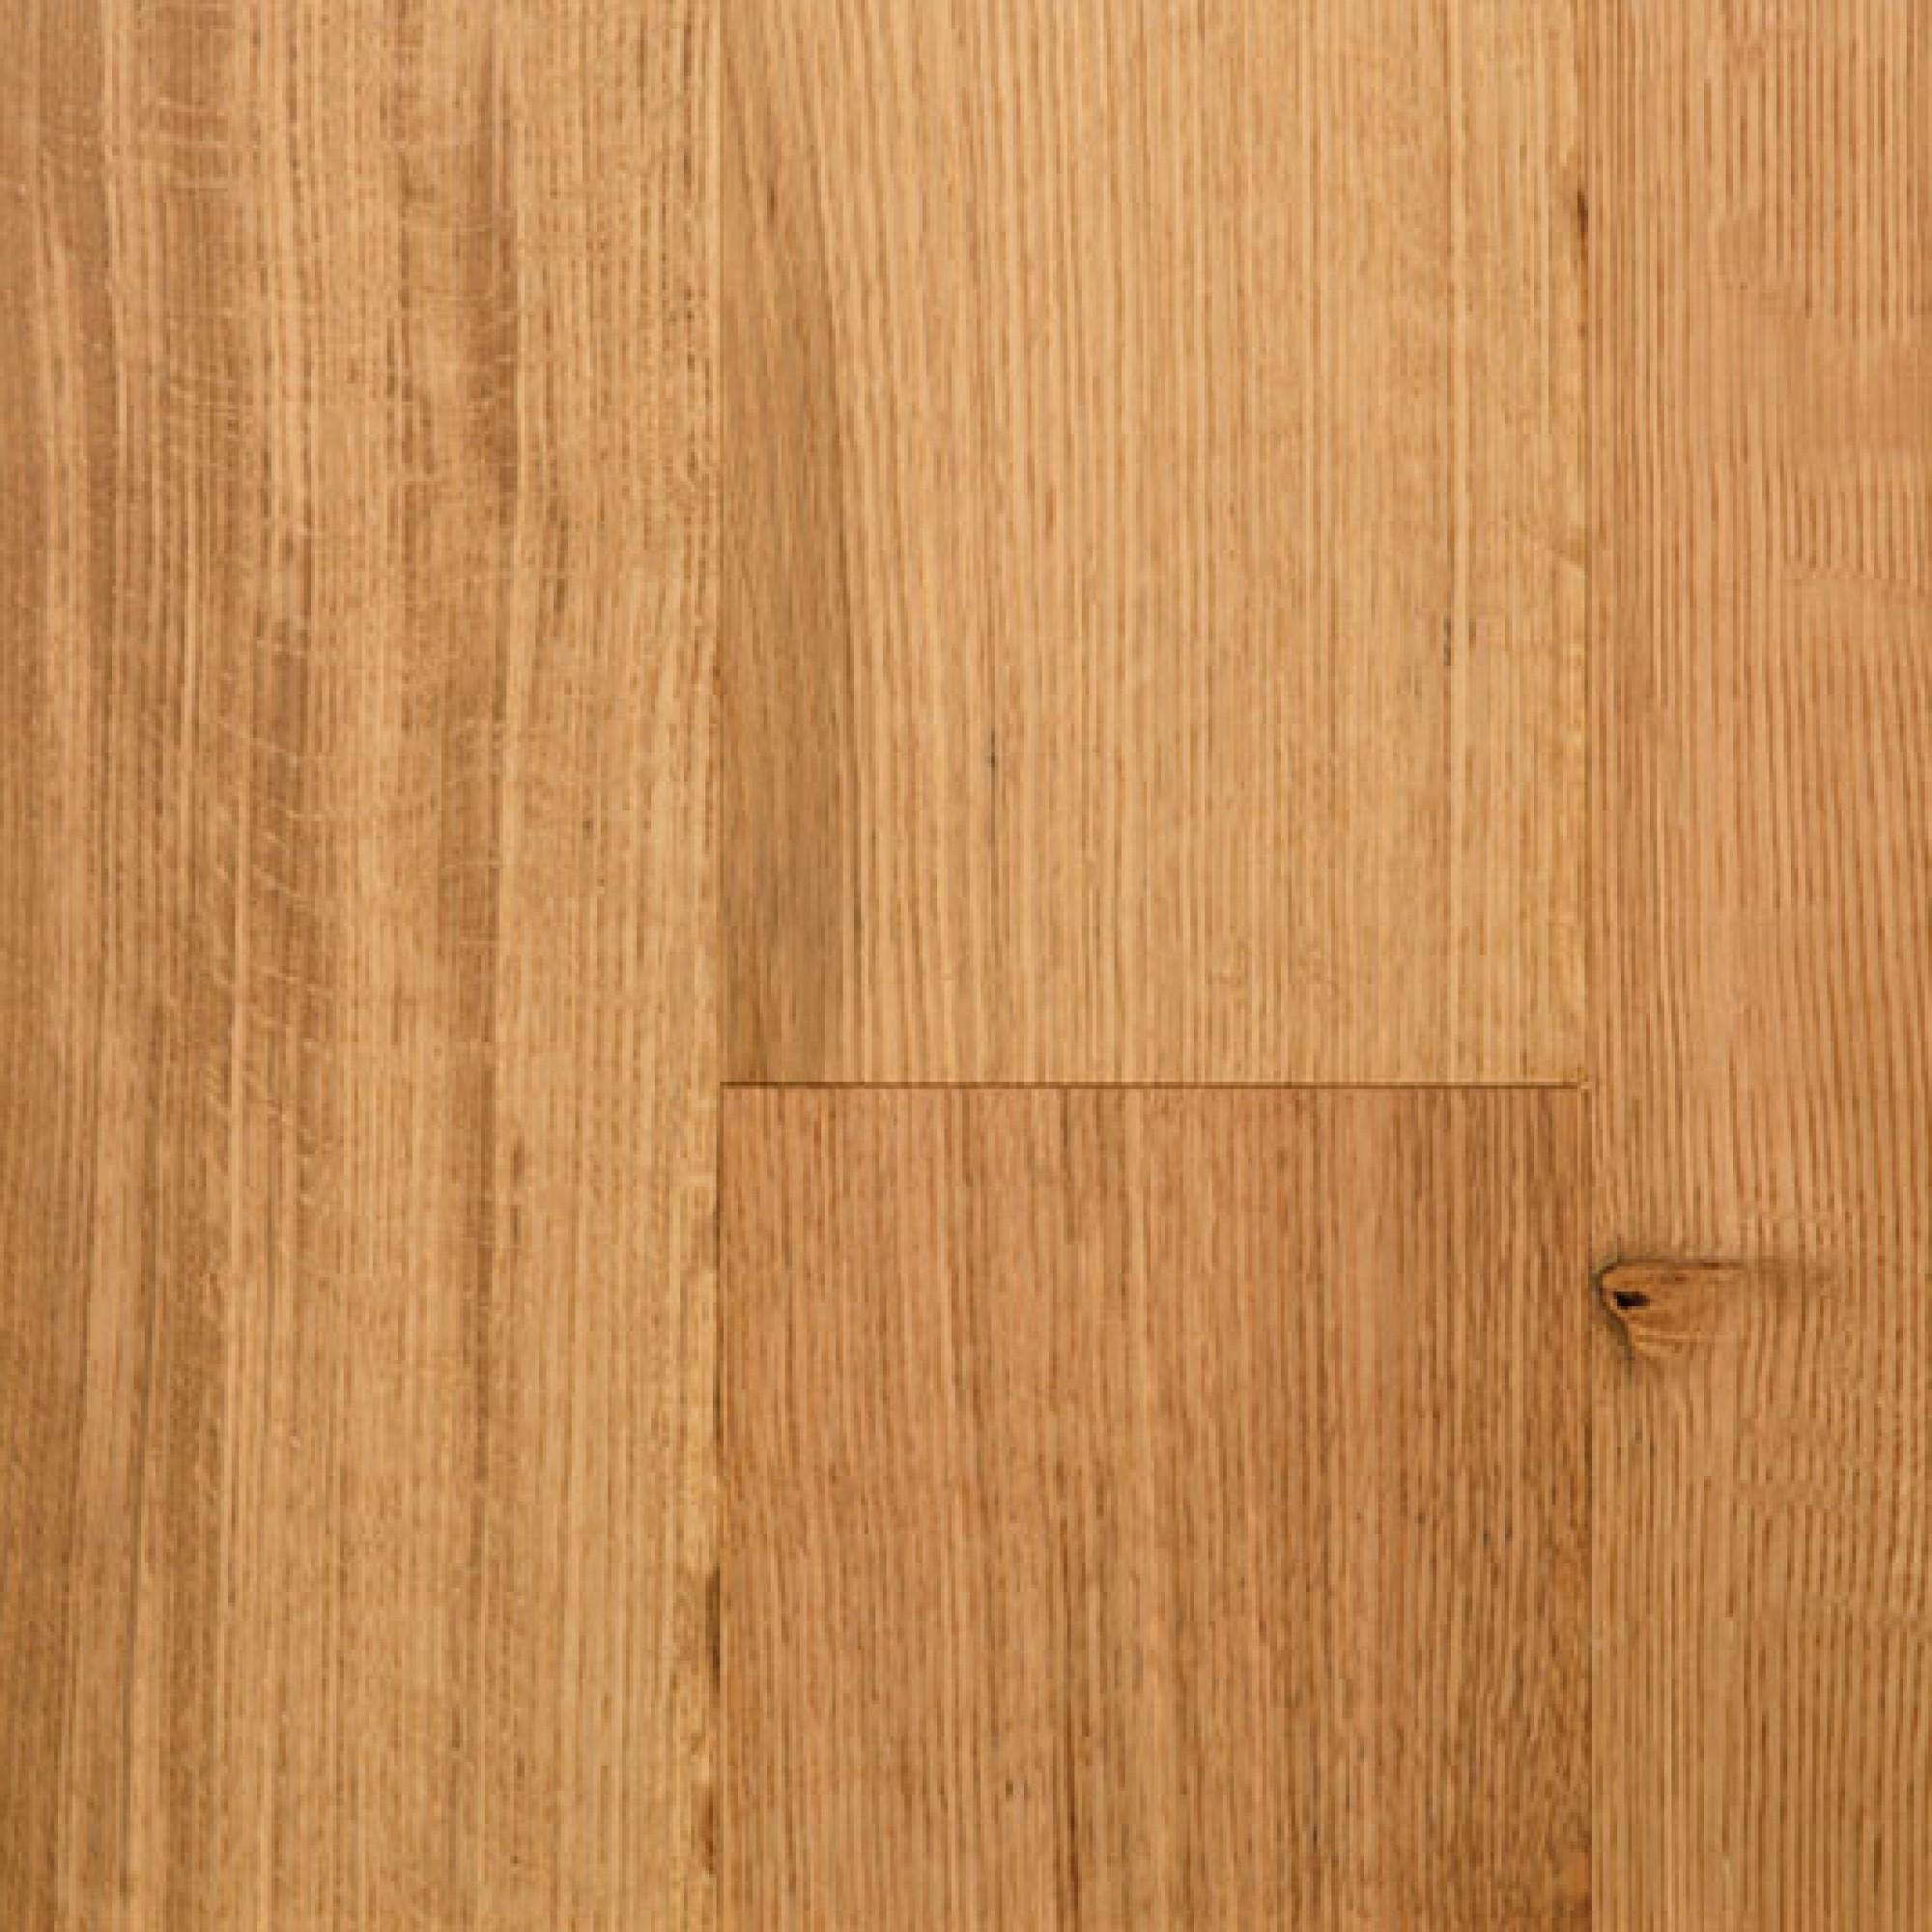 Rift quarter white oak natural wire brushed rift for Natura oak flooring